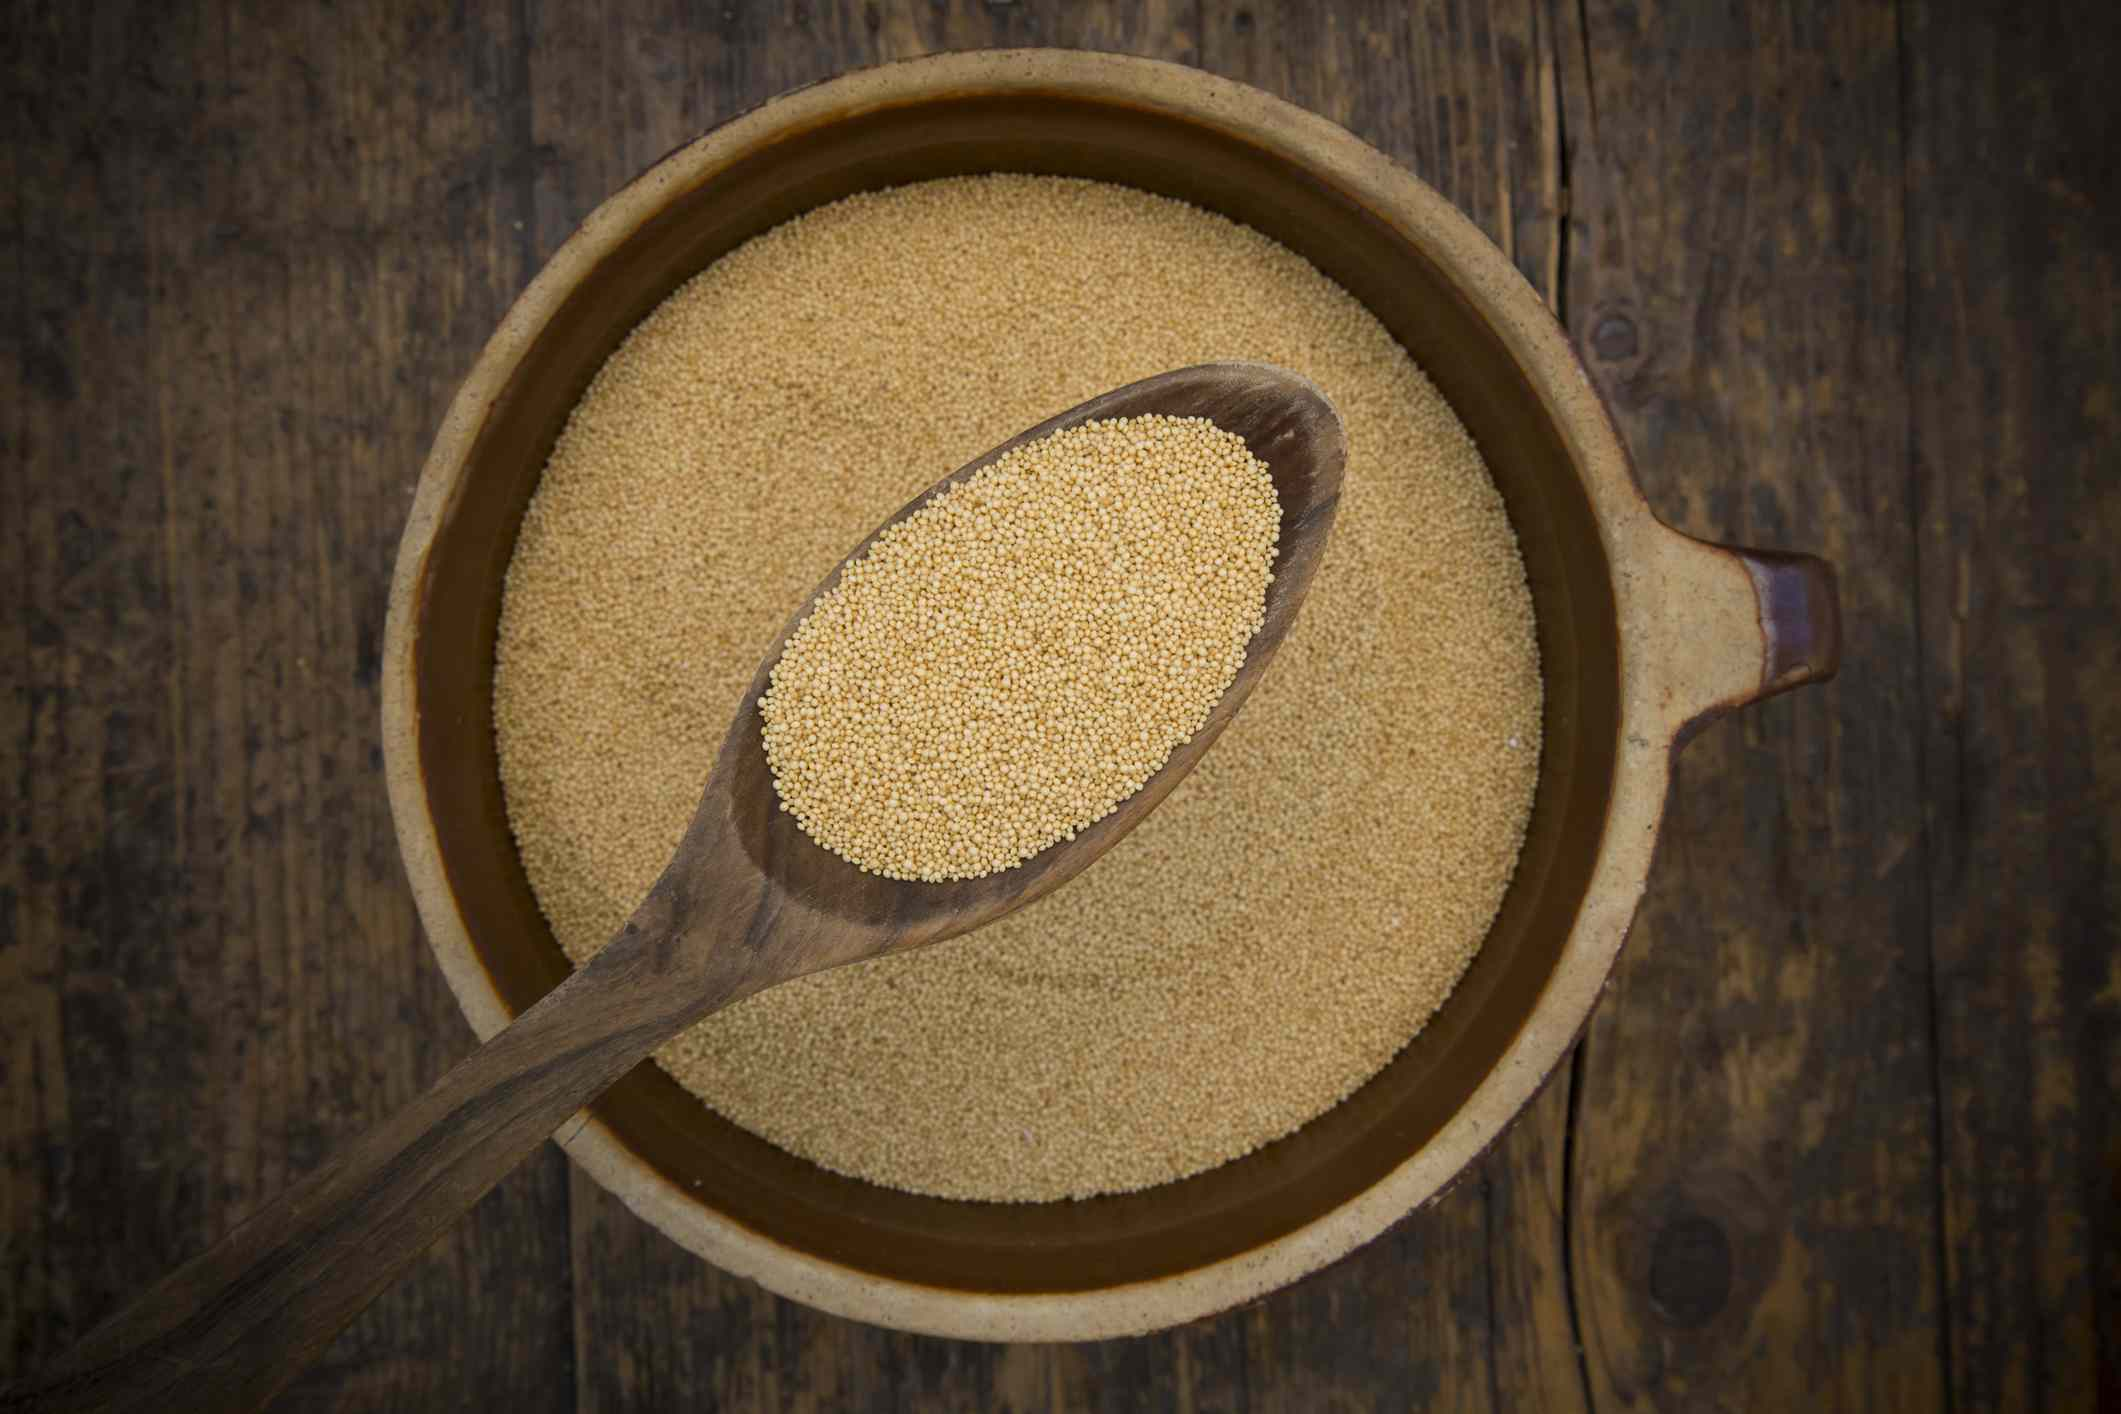 Amaranth, a gluten free starch